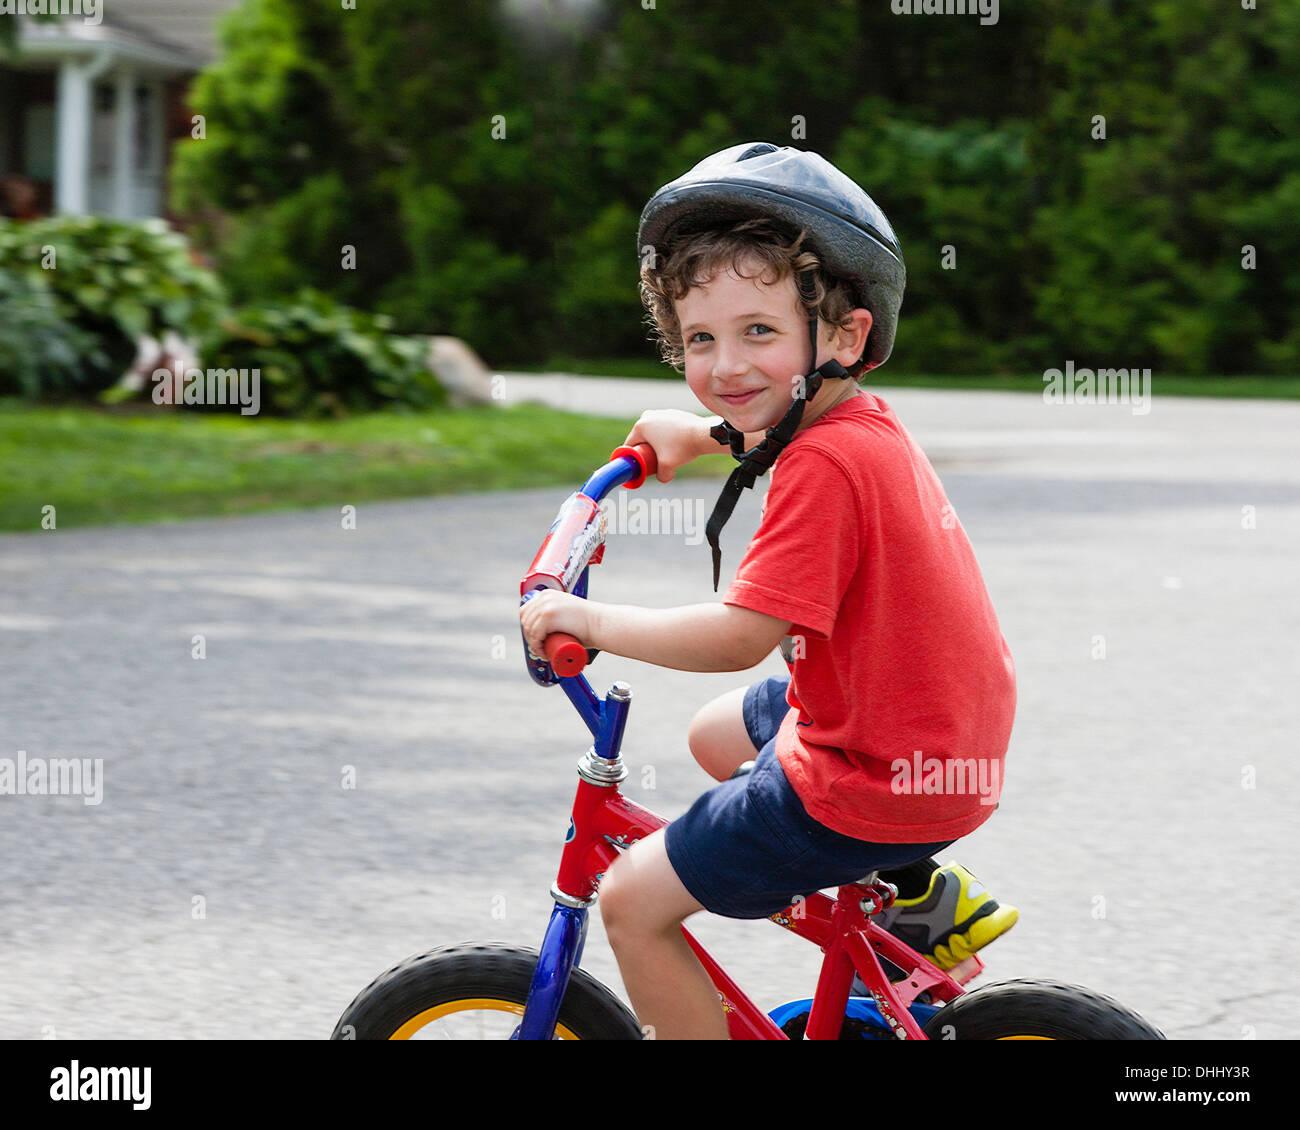 Porträt des jungen Reiten Fahrrad auf Auffahrt Stockbild